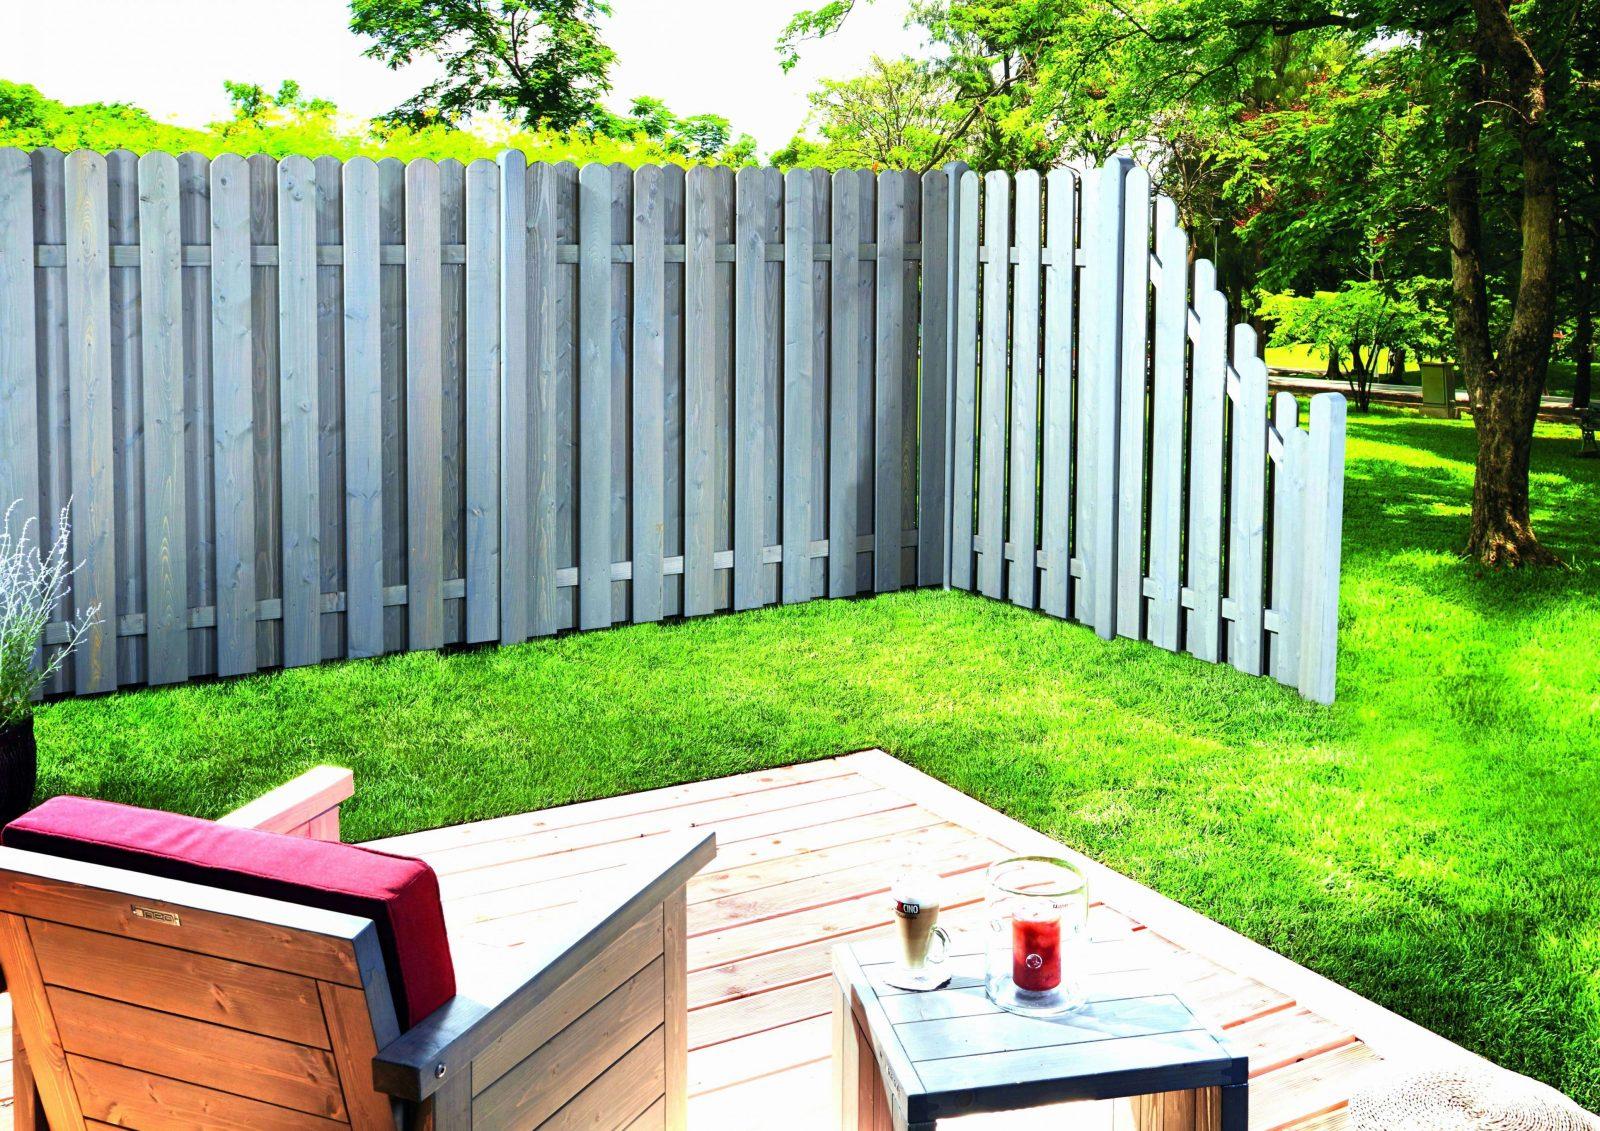 45 Luxus Sichtschutz Holz Weiß Bilder Top Für Sichtschutz Selber von Günstiger Sichtschutz Selber Bauen Photo